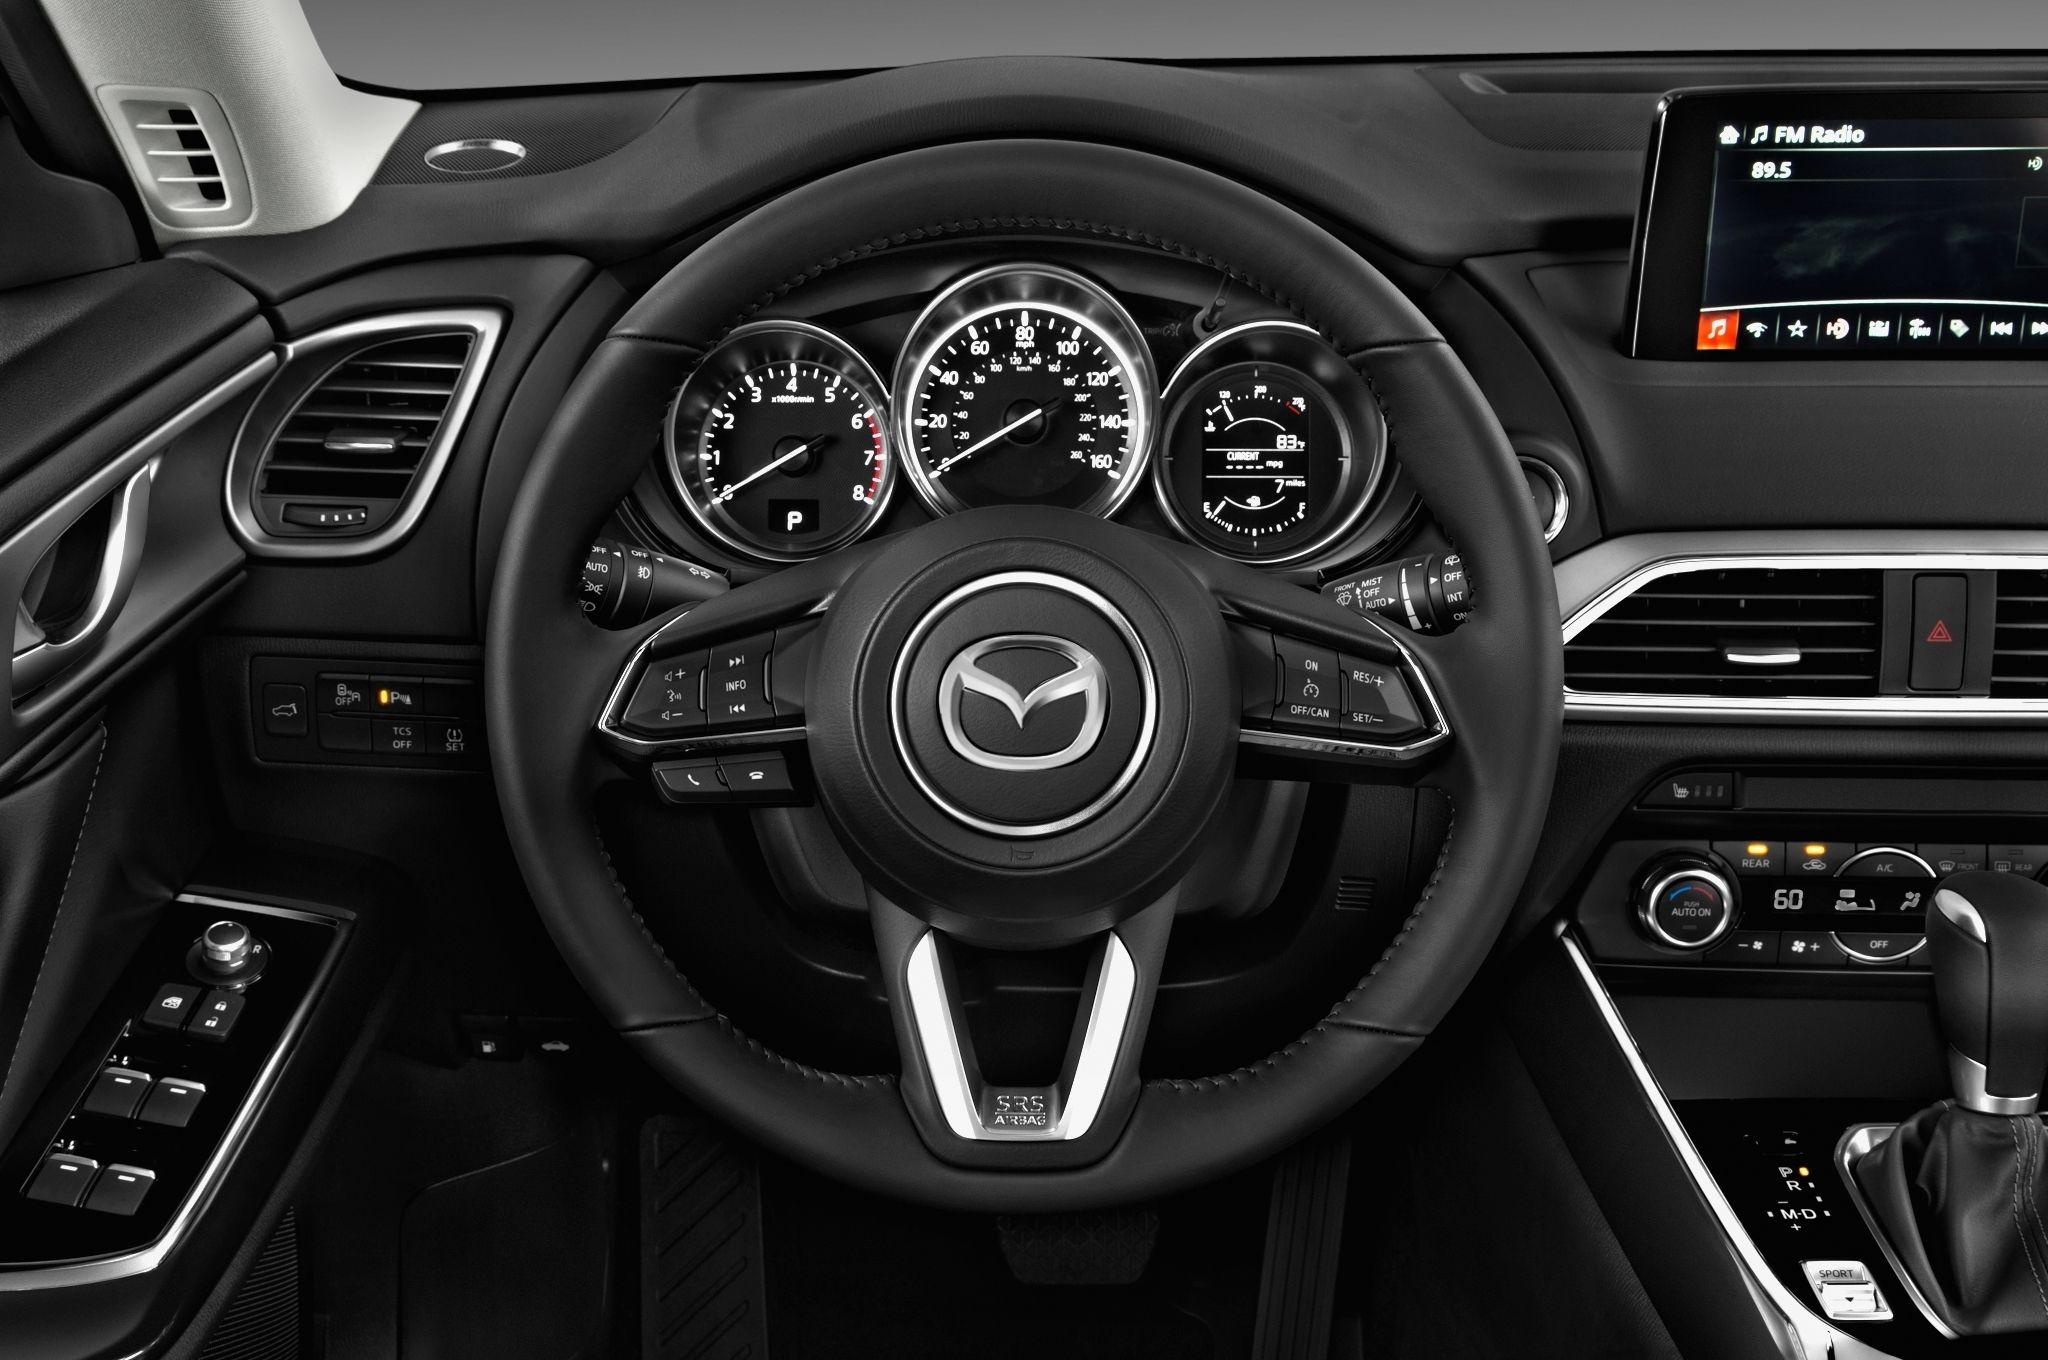 2020 Mazda Cx 5 Touring In Cerritos Ca Los Angeles Mazda Mazda Cx 5 Browning Mazda Of Cerritos